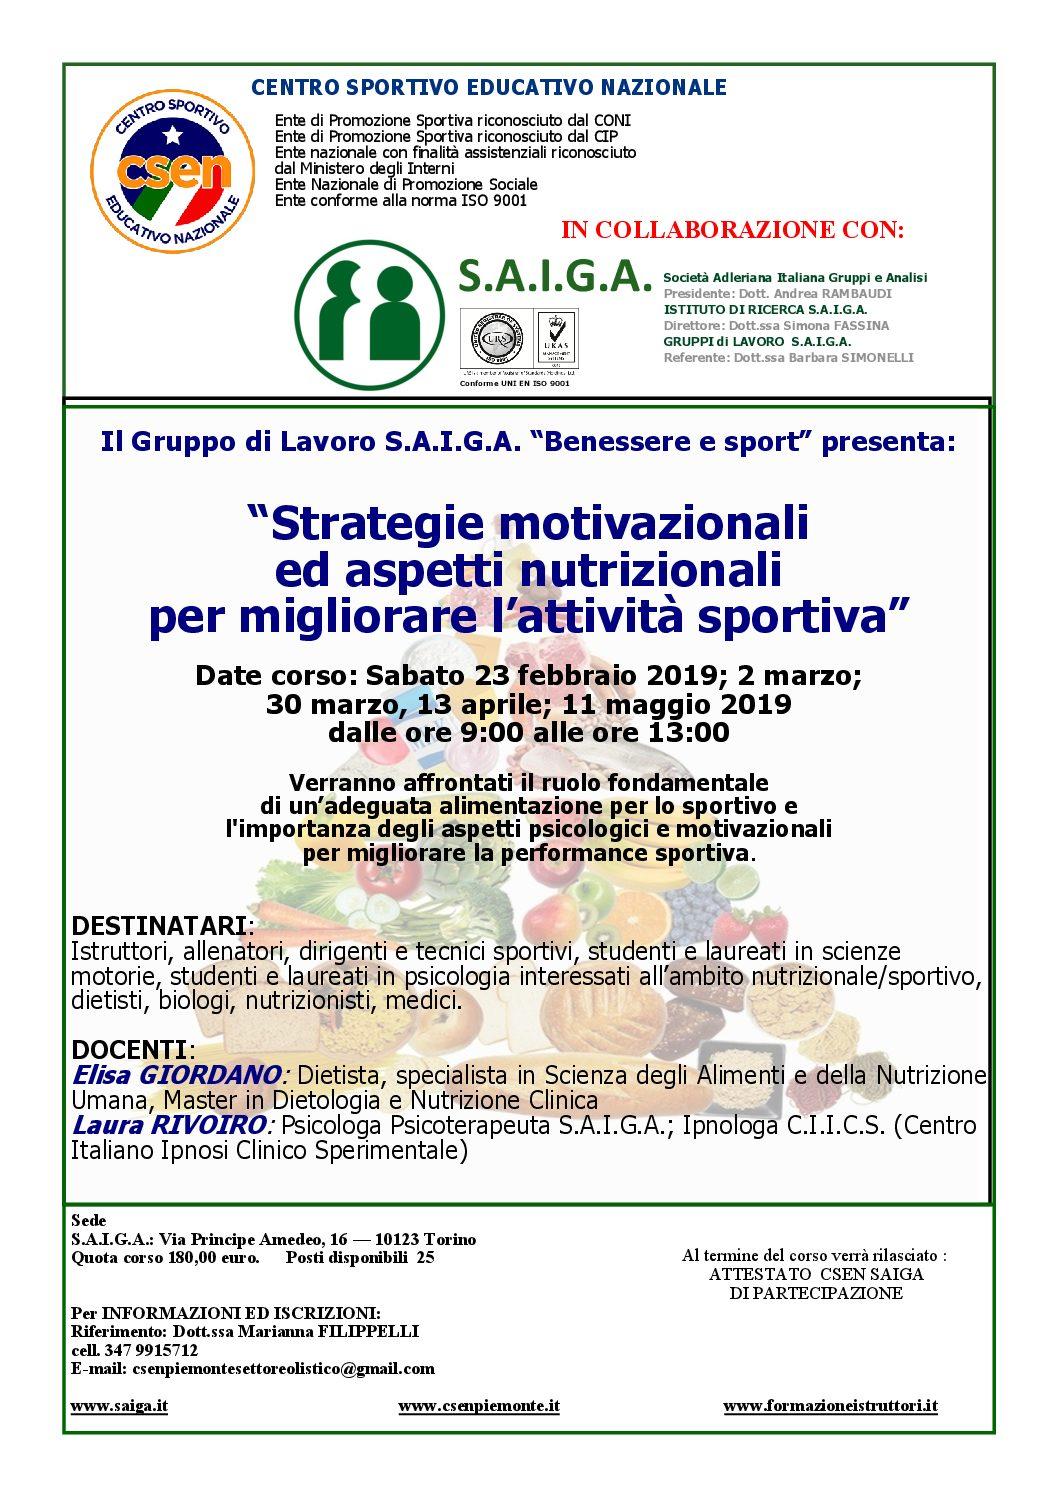 VOLANTINO SAIGA-CSEN corso nutrizione